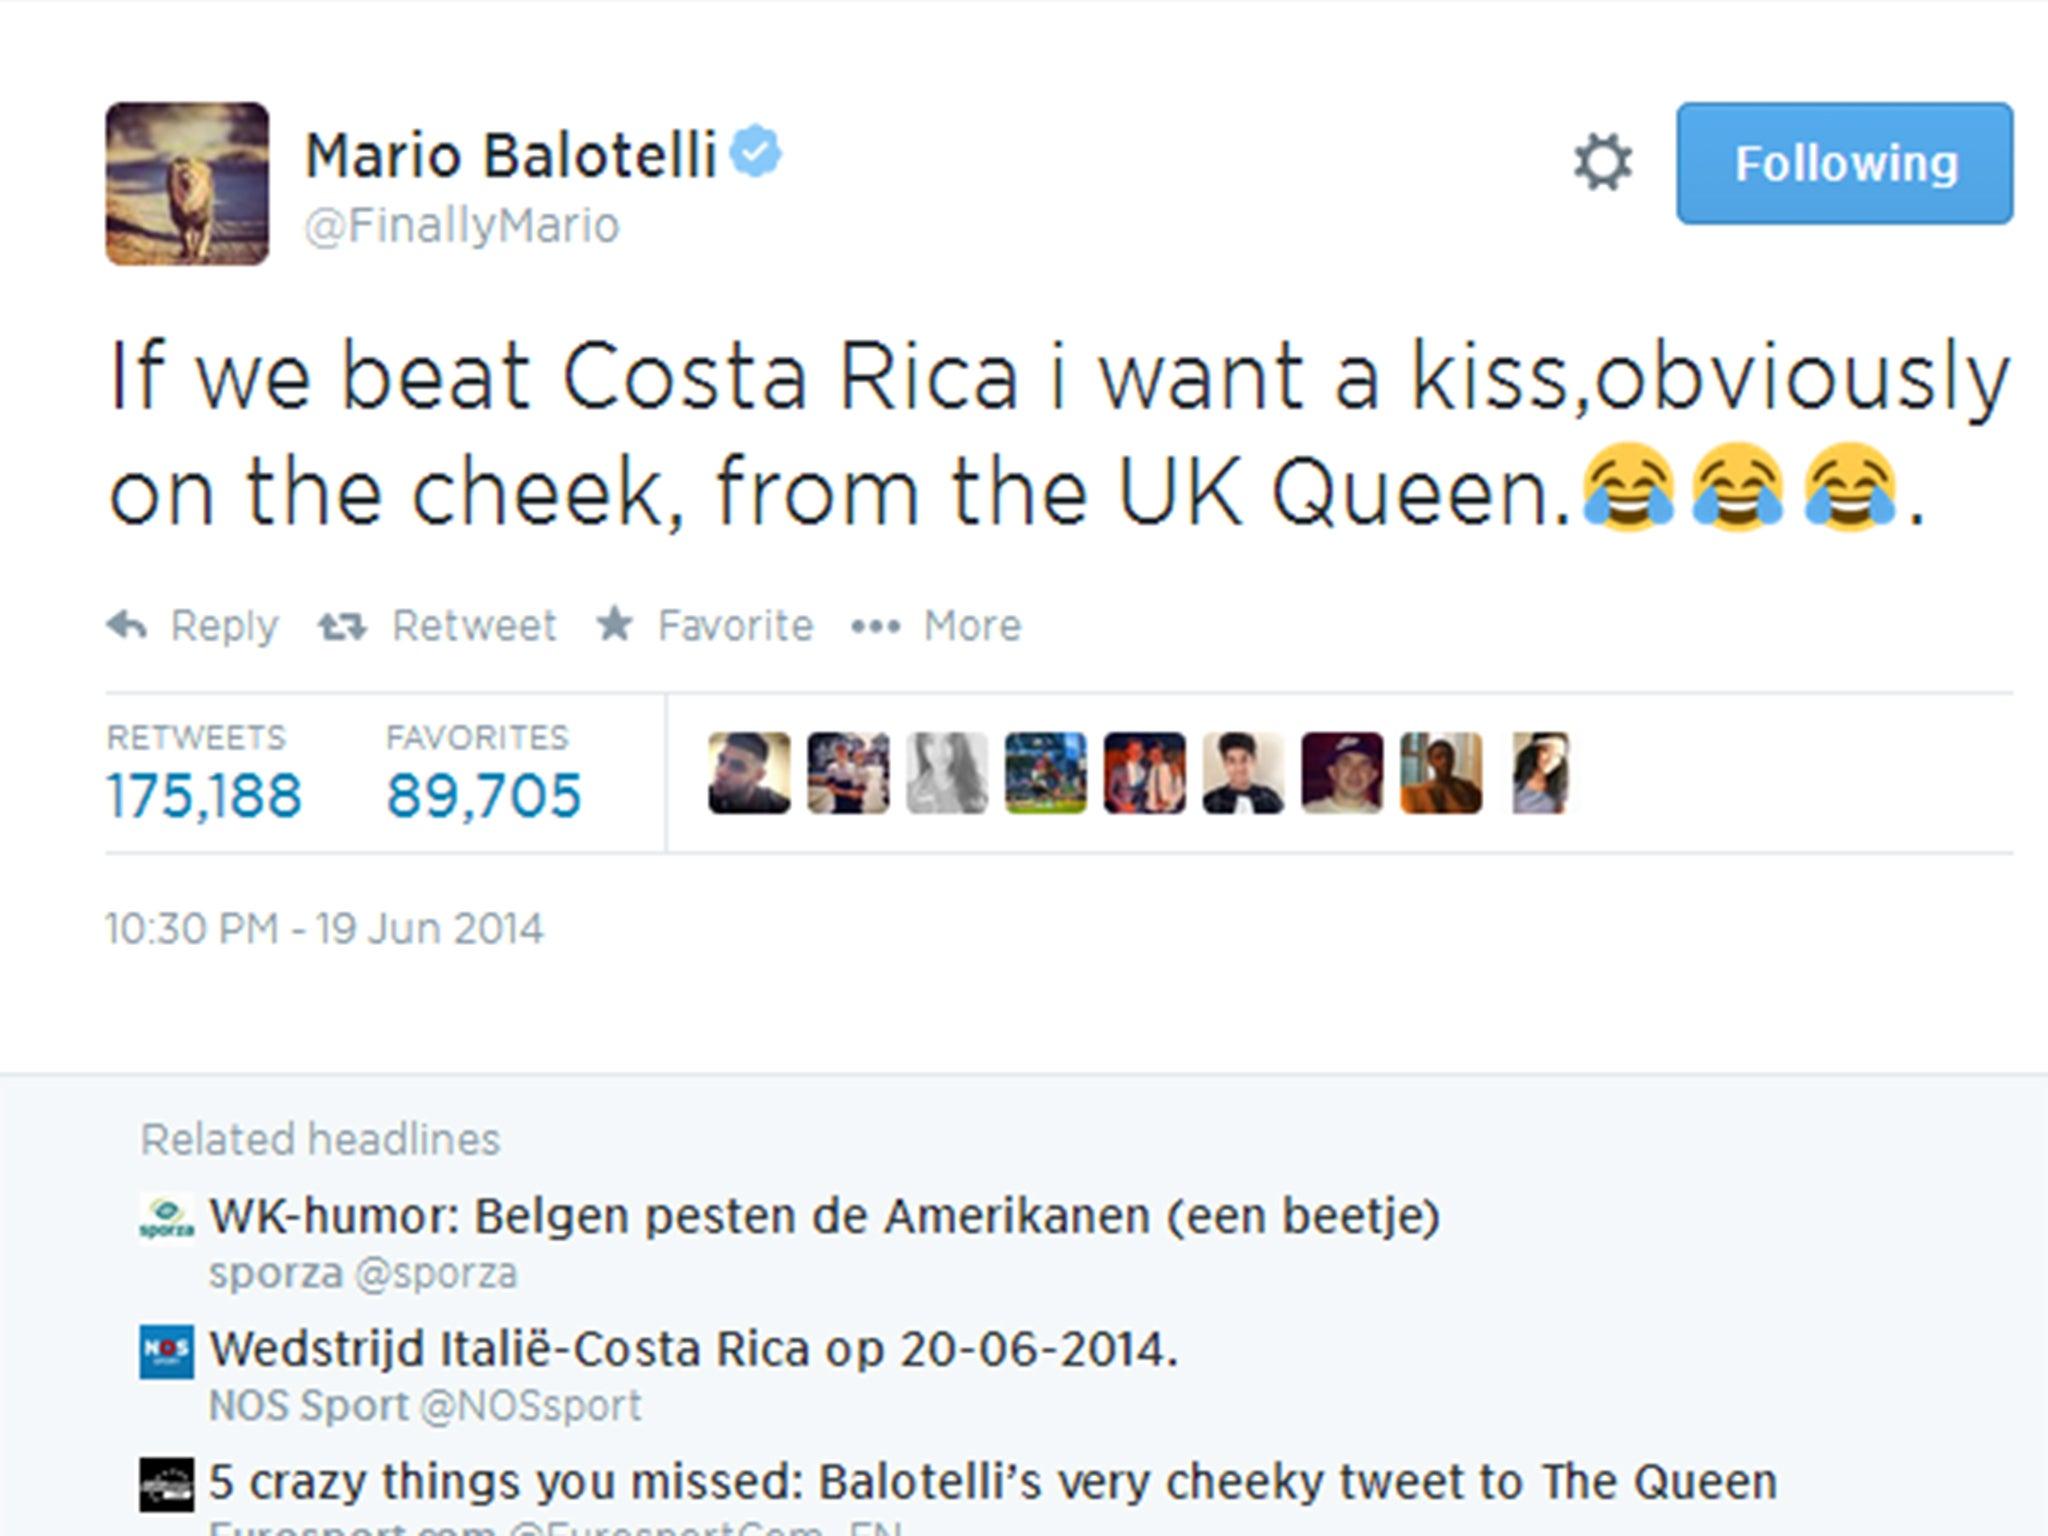 Mario Balotelli apologises for anti-Semitic Instagram post of Super